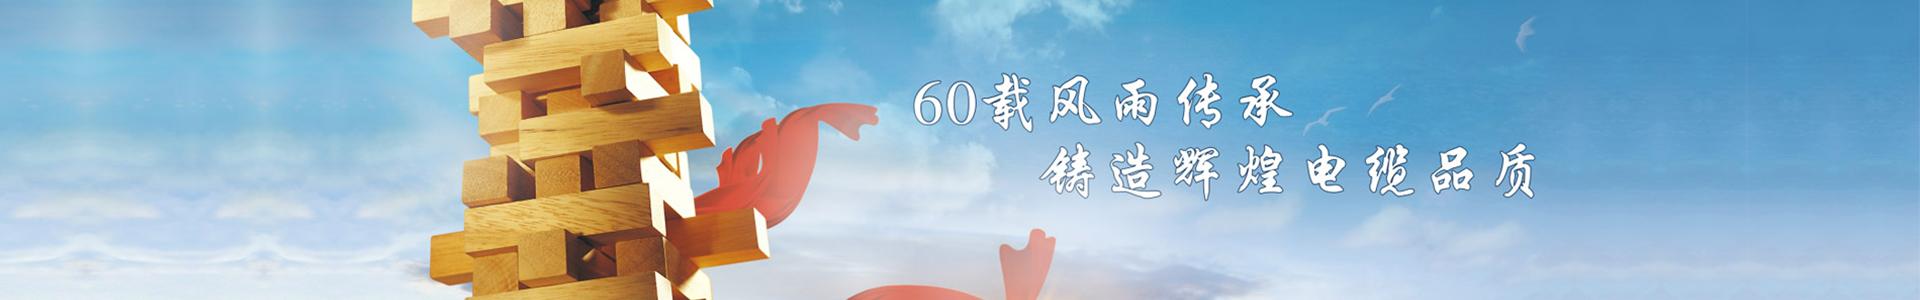 广州双菱电缆厂